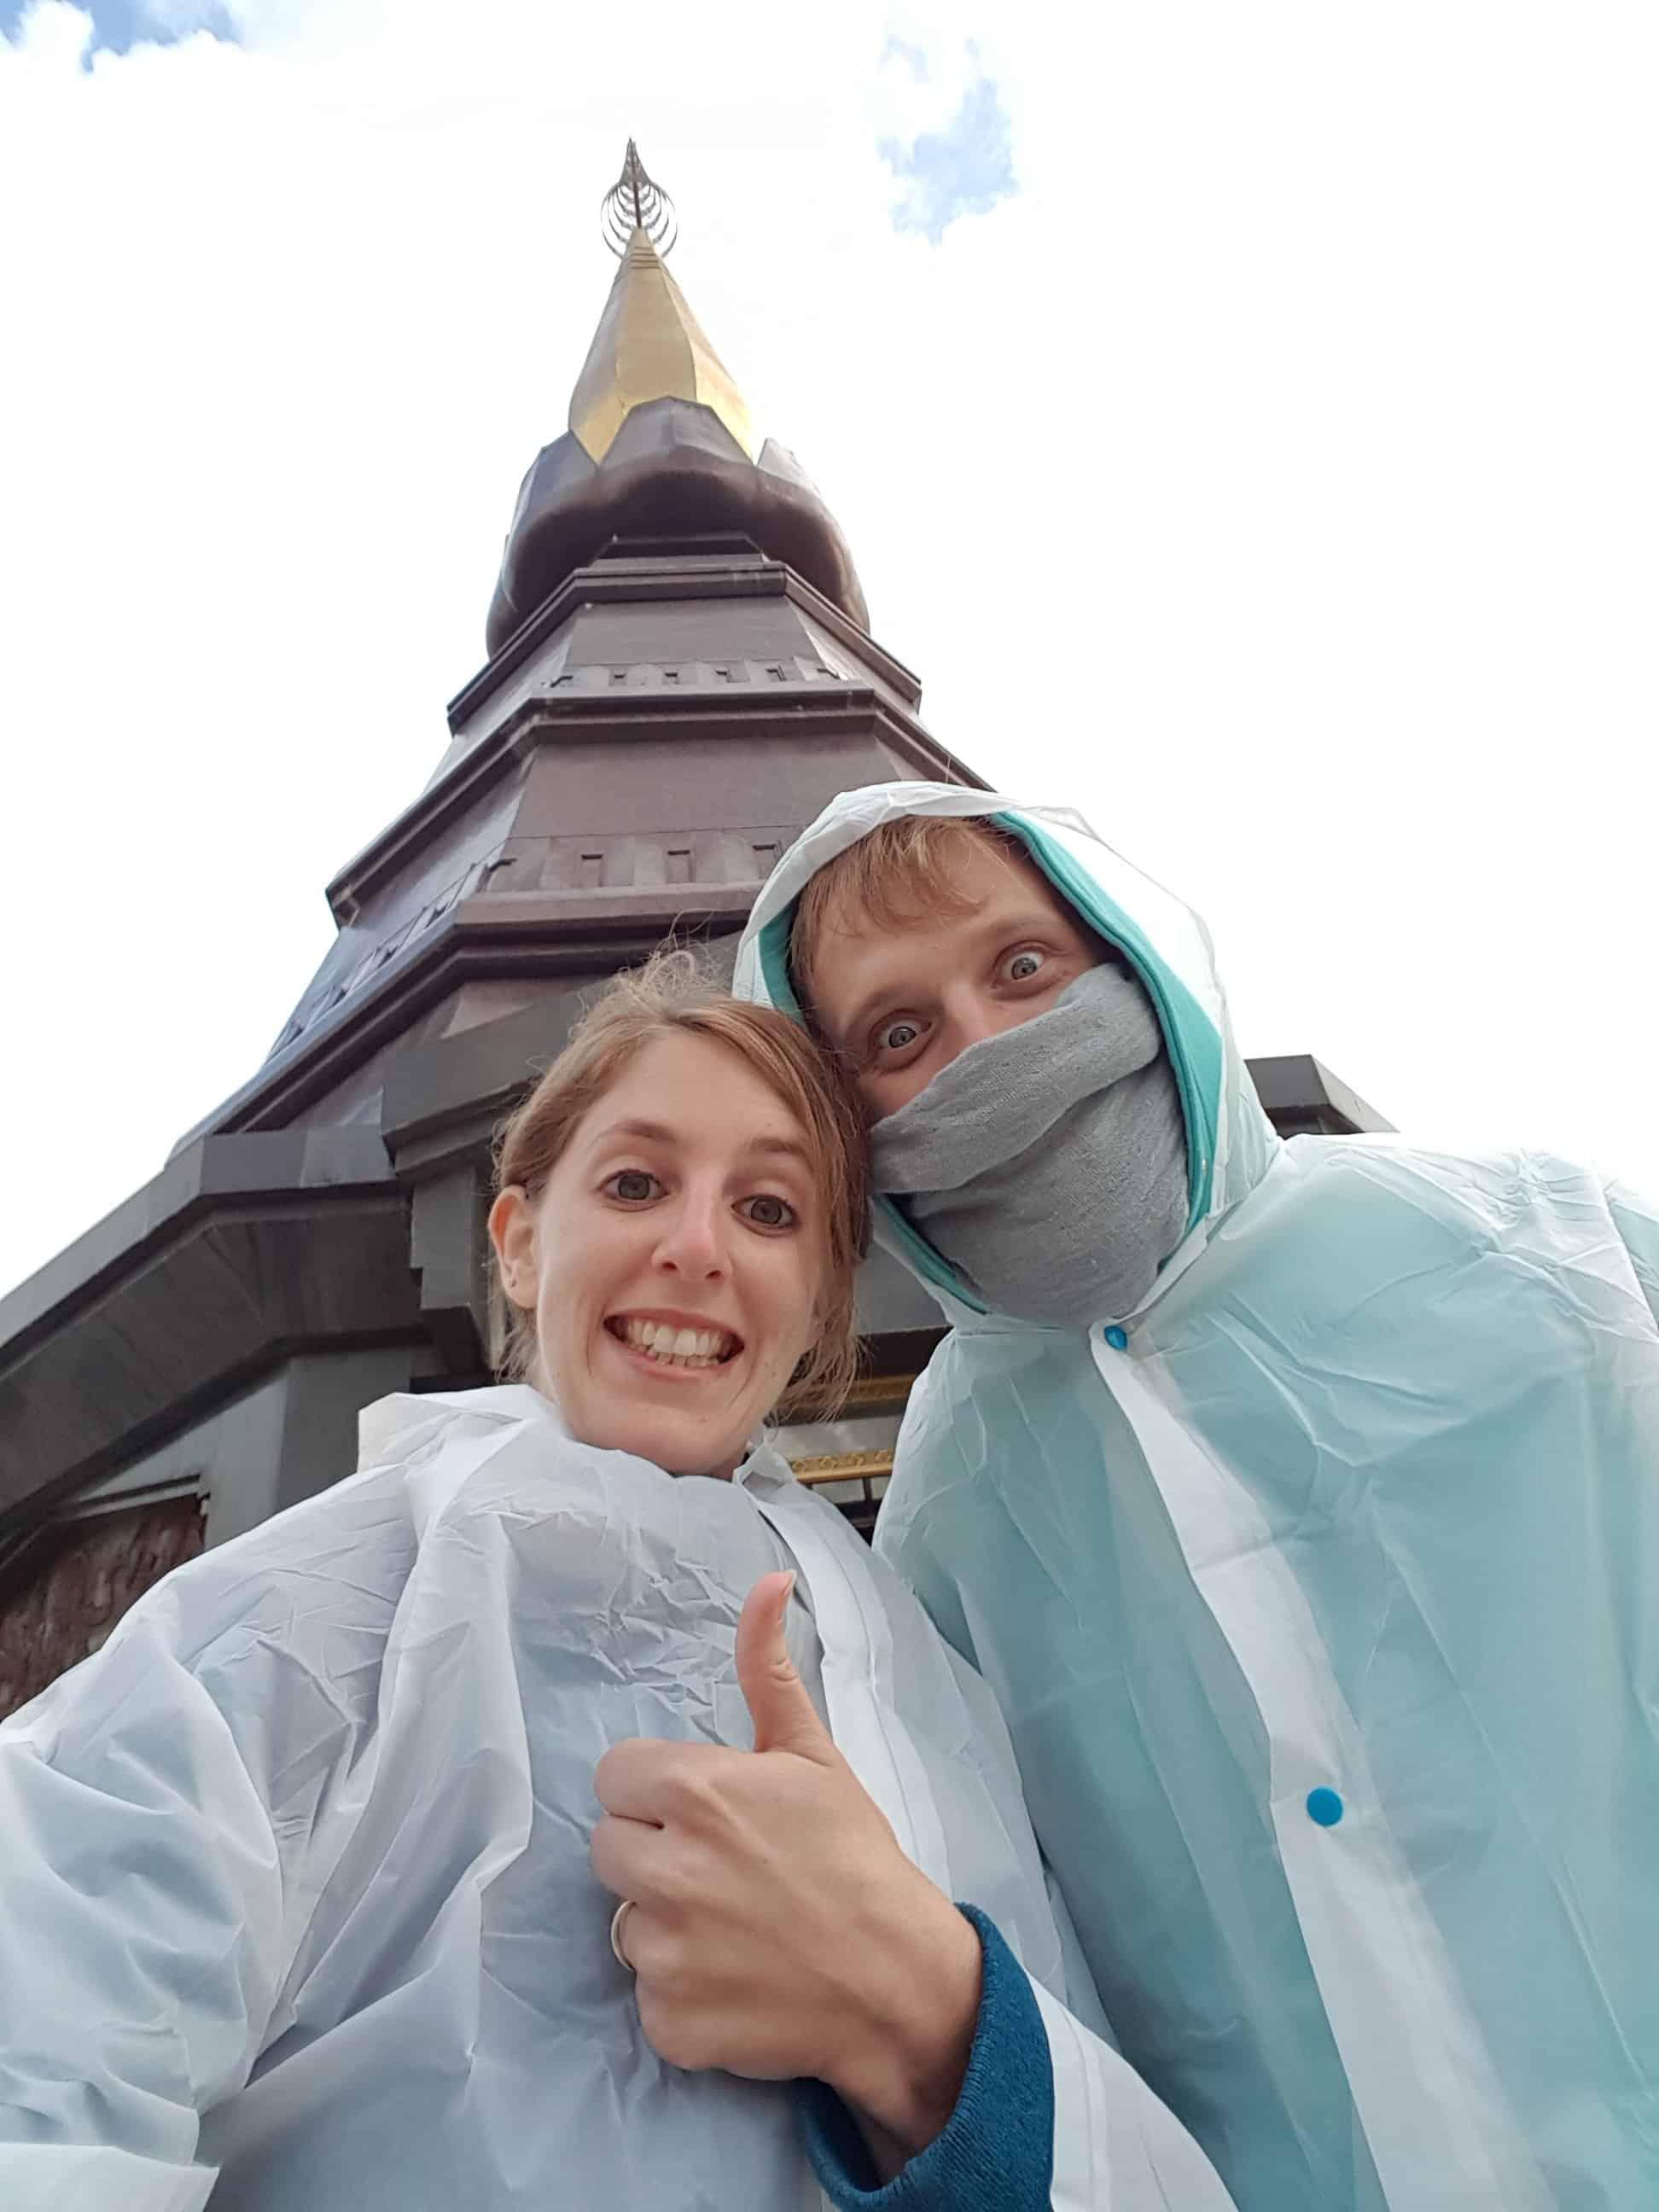 Thaïlande, King and Queen Pagoda le temple le plus haut du pays 🛕 13